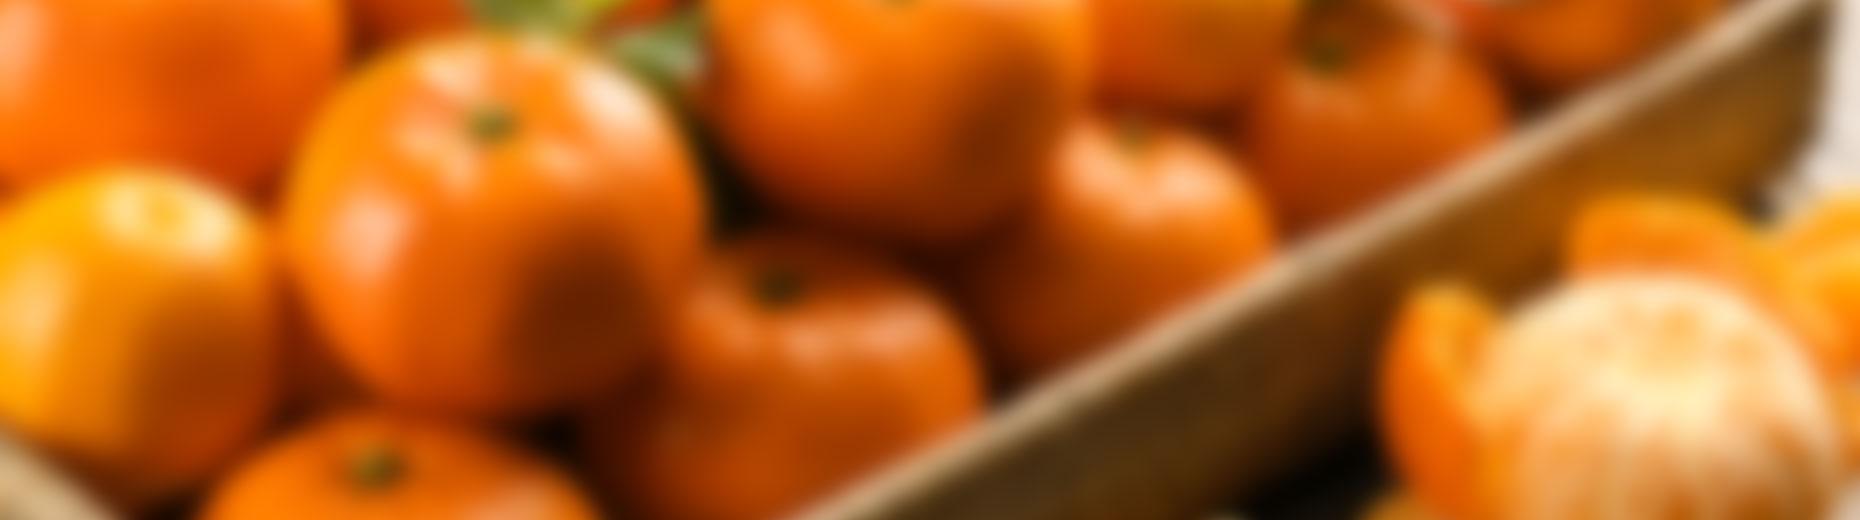 fons-mandarines